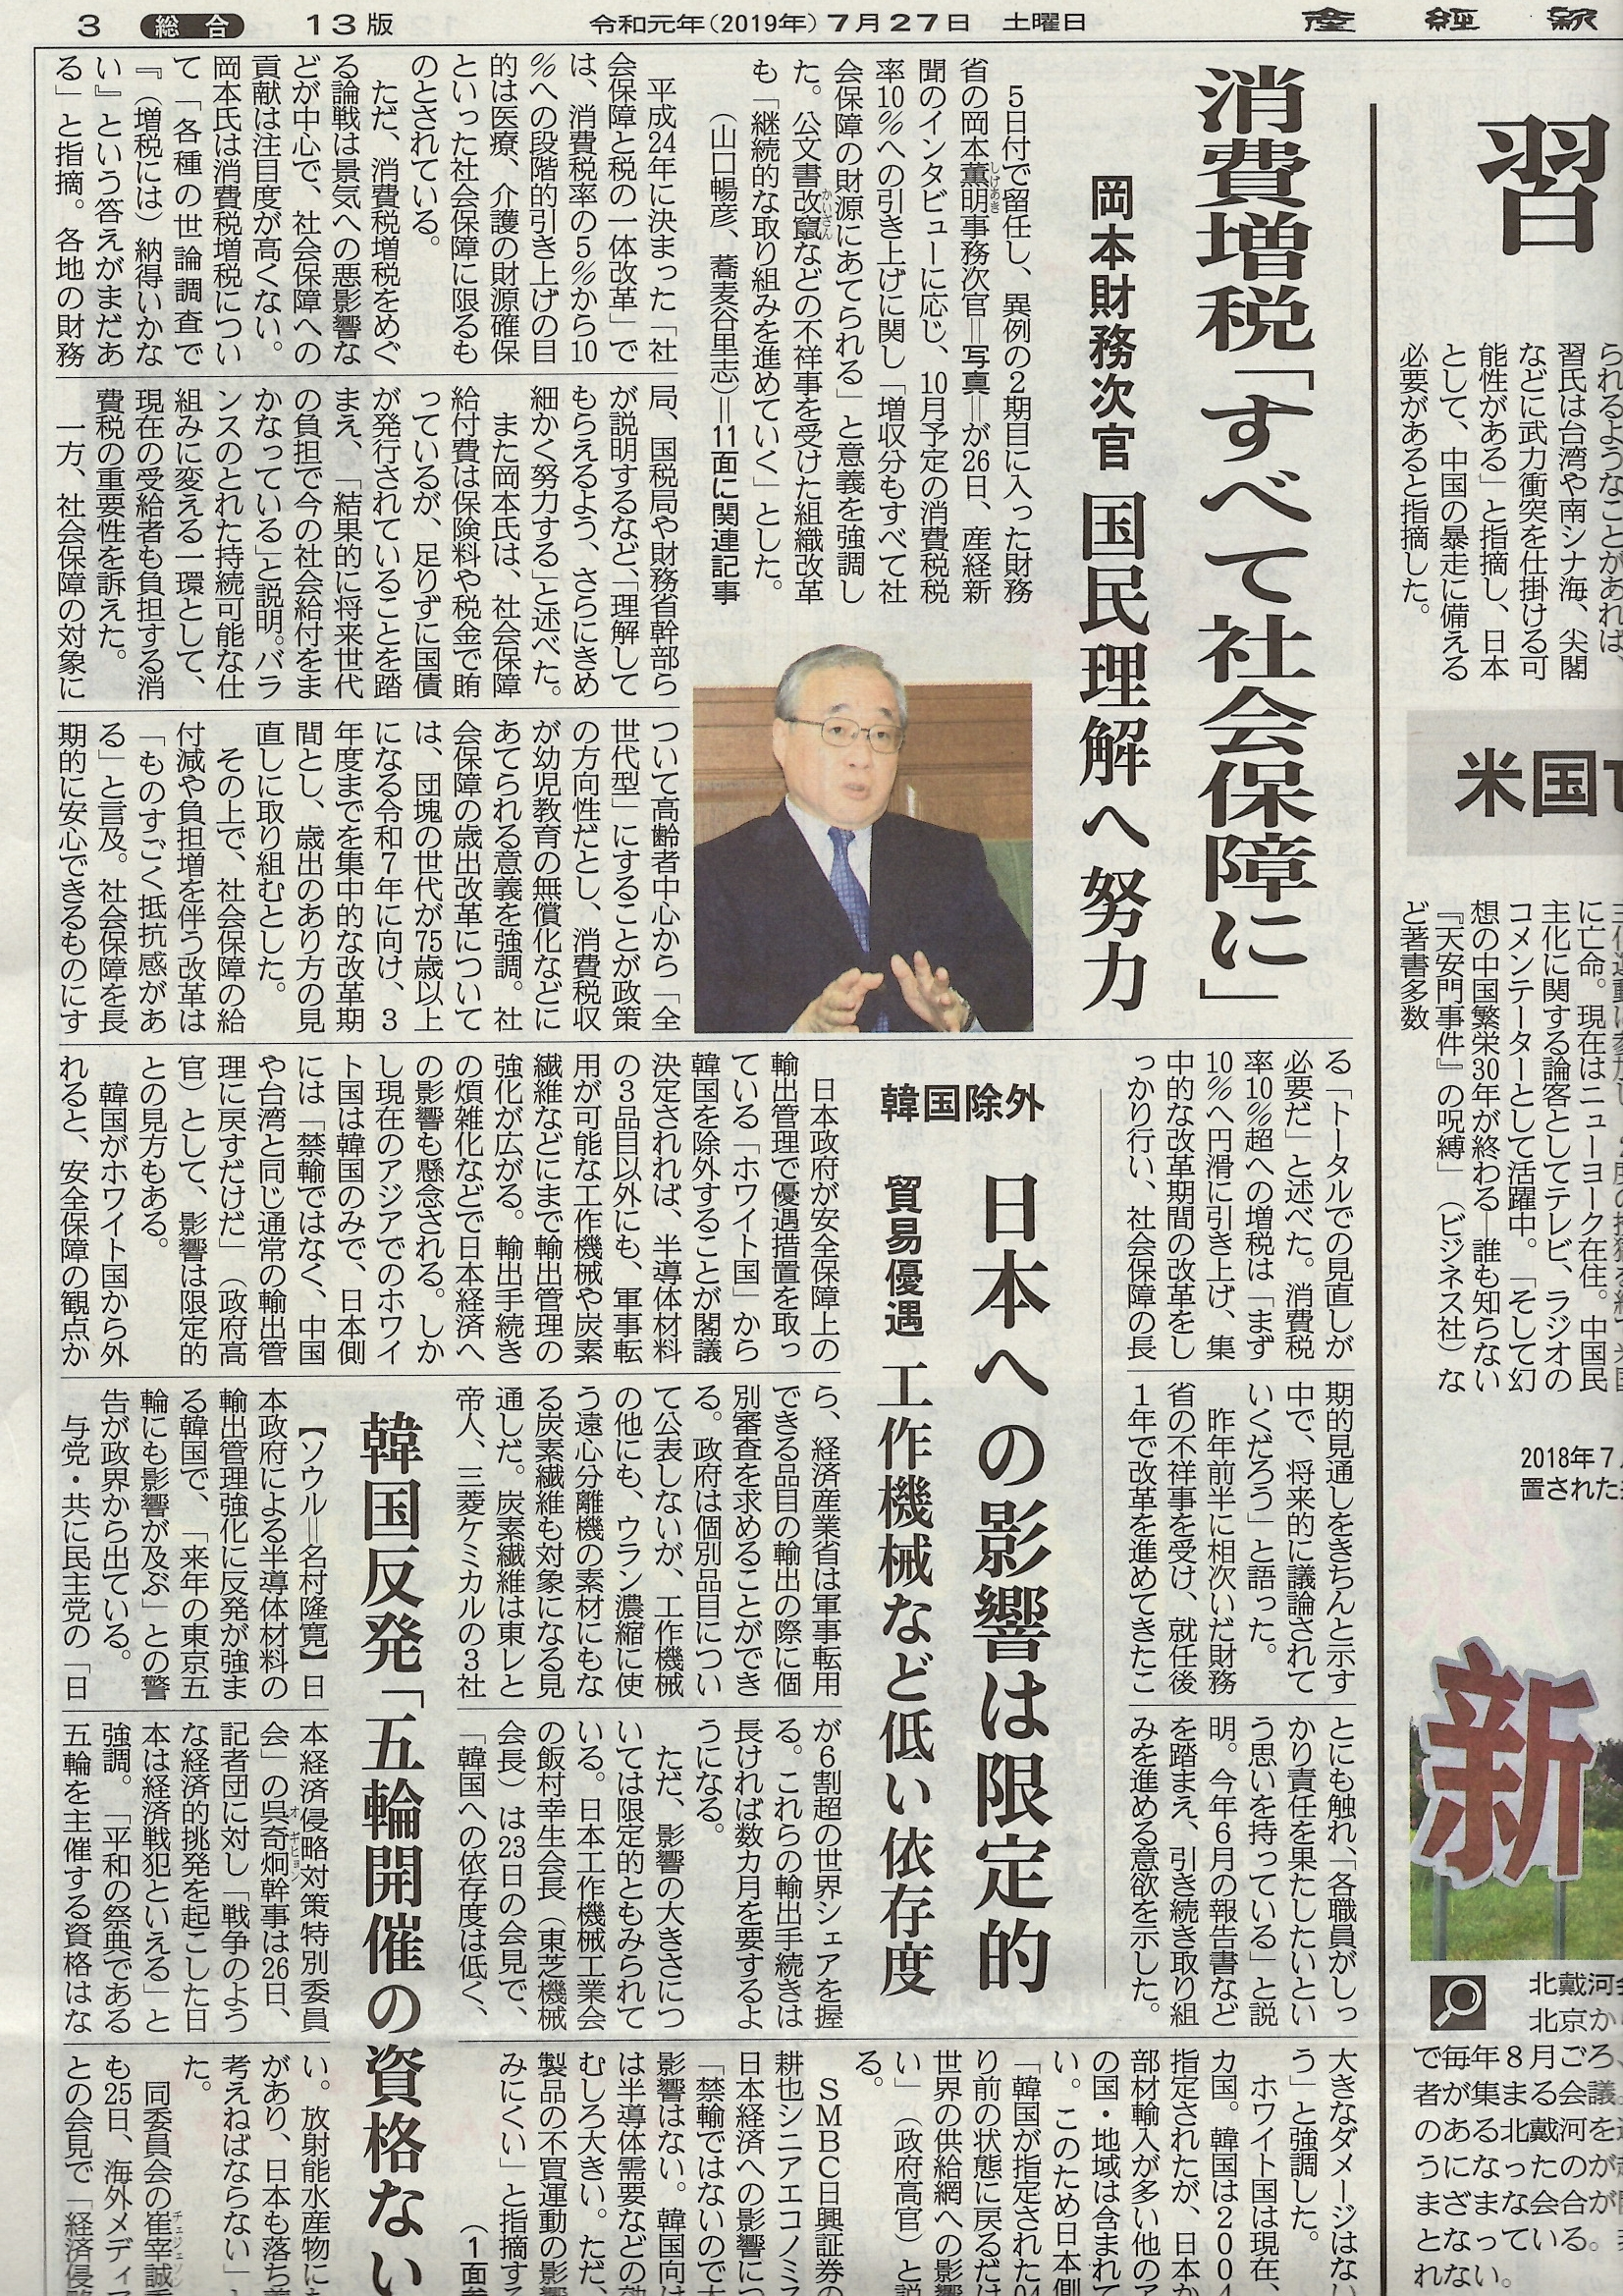 消費増税「すべて社会保障に」 産経新聞20190727